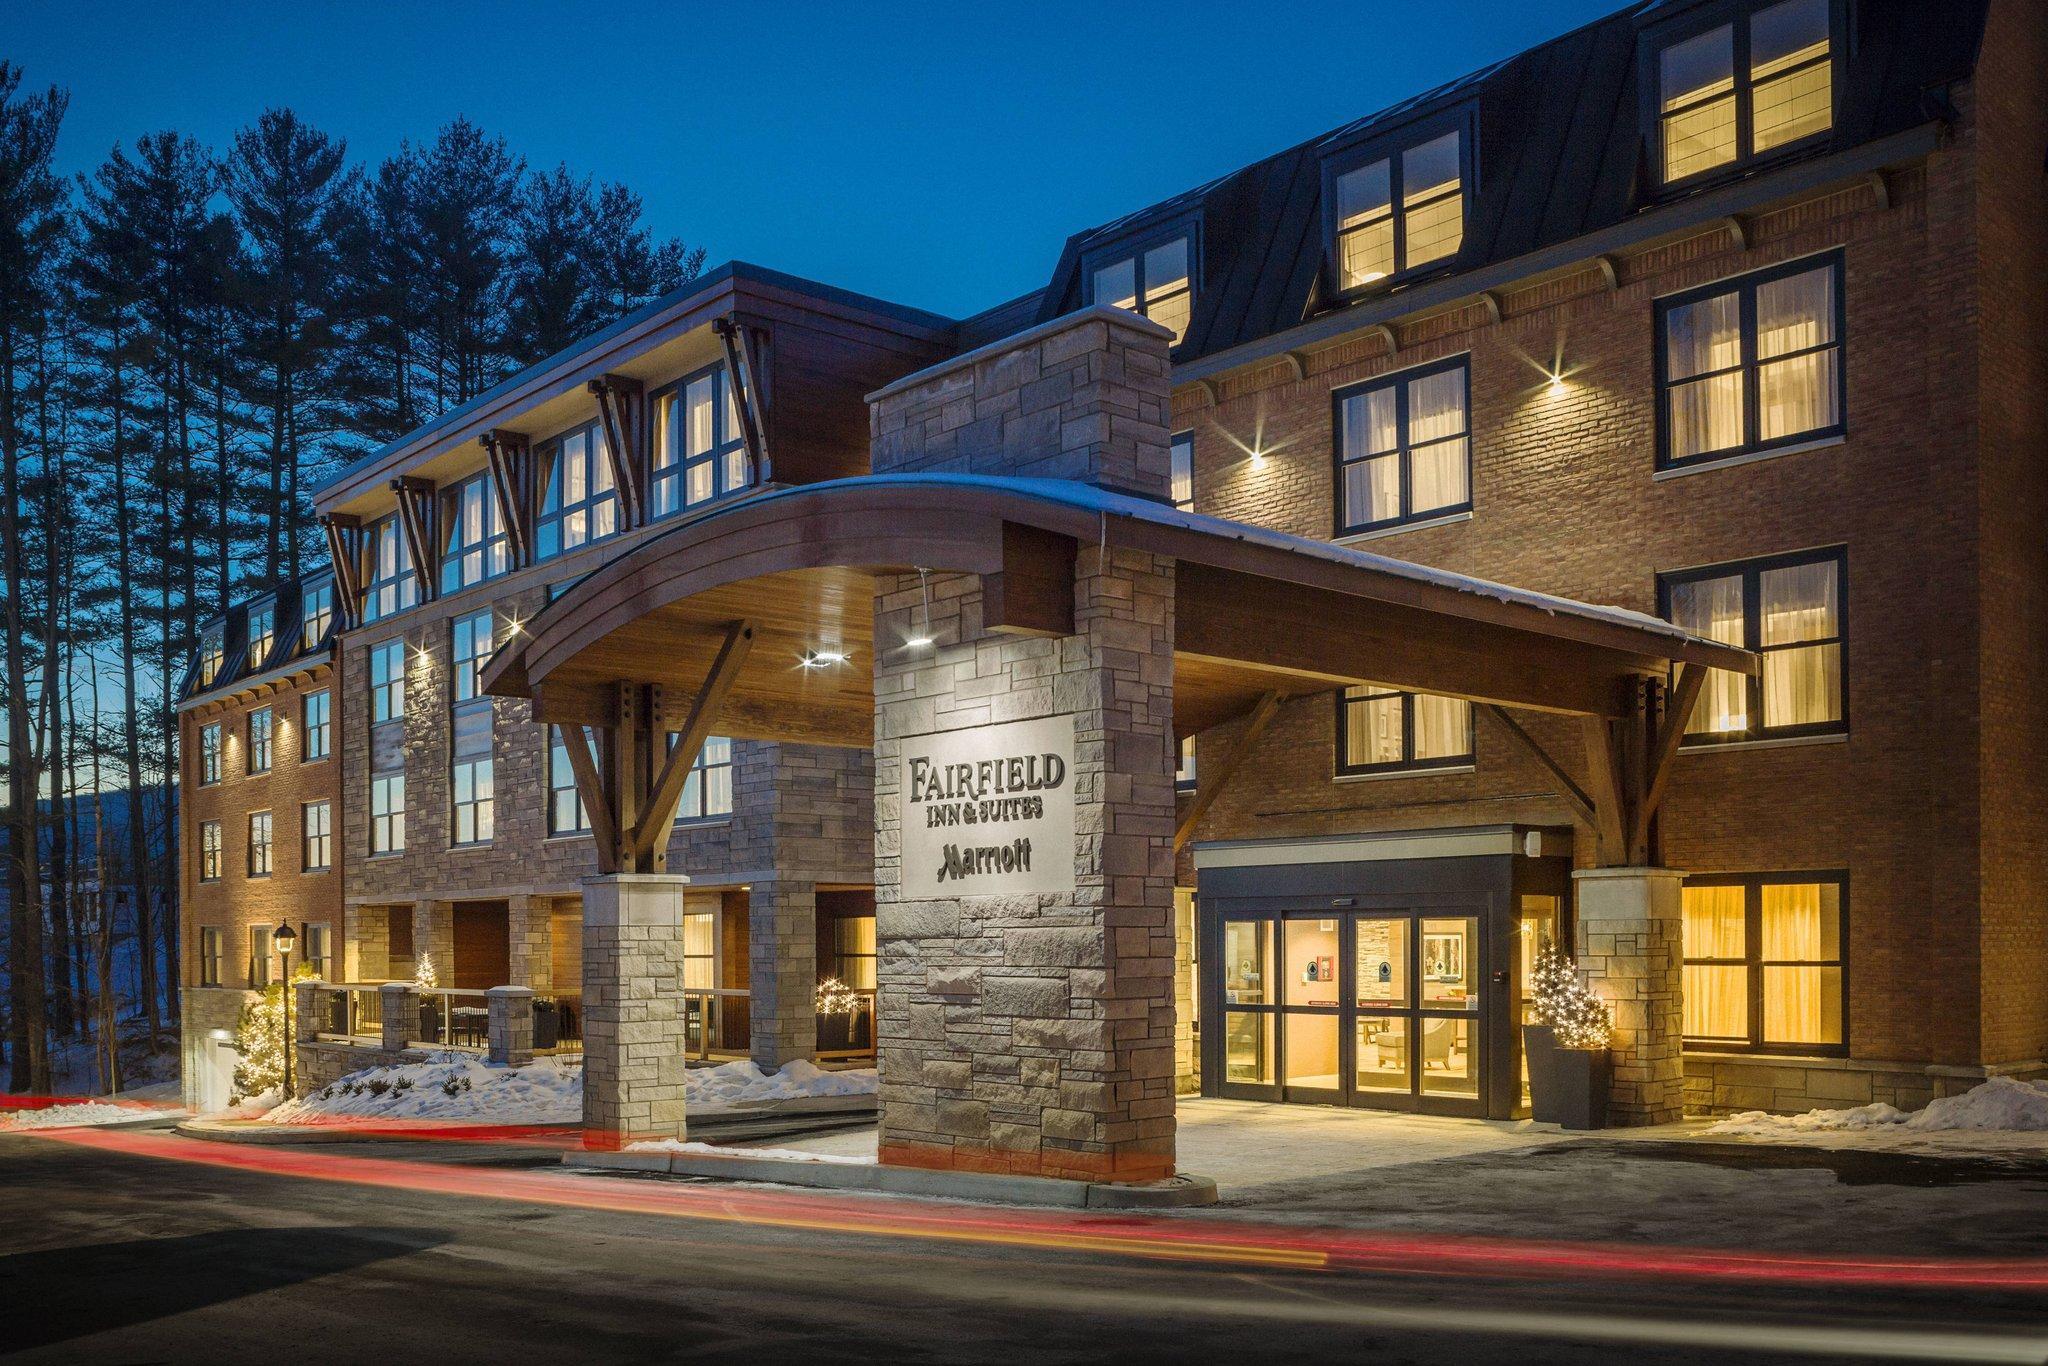 Fairfield Inn And Suites Waterbury Stowe